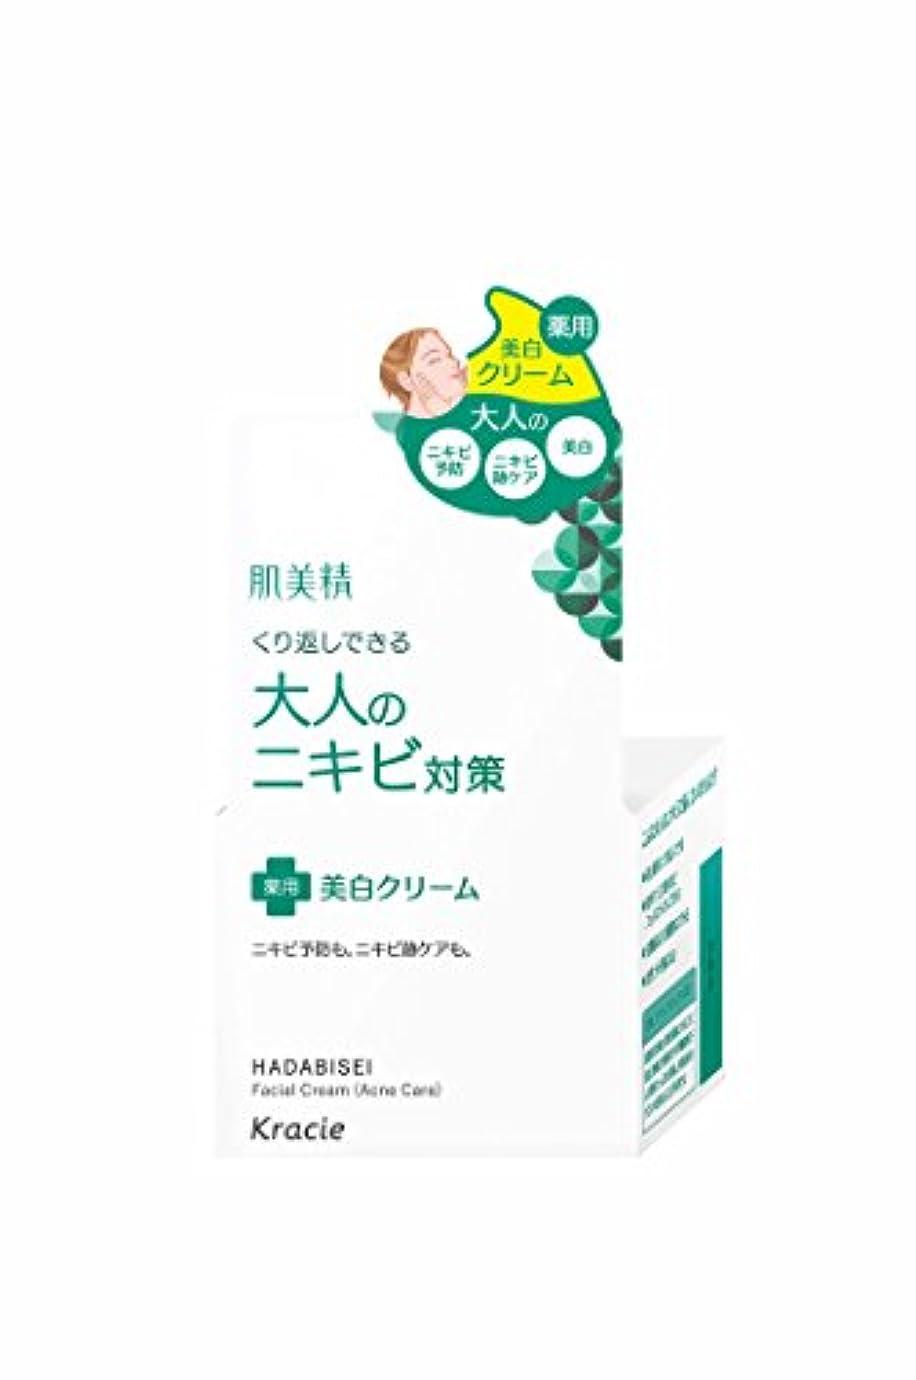 無意味社会主義者ドル肌美精 大人のニキビ対策 薬用美白クリーム 50g (医薬部外品)